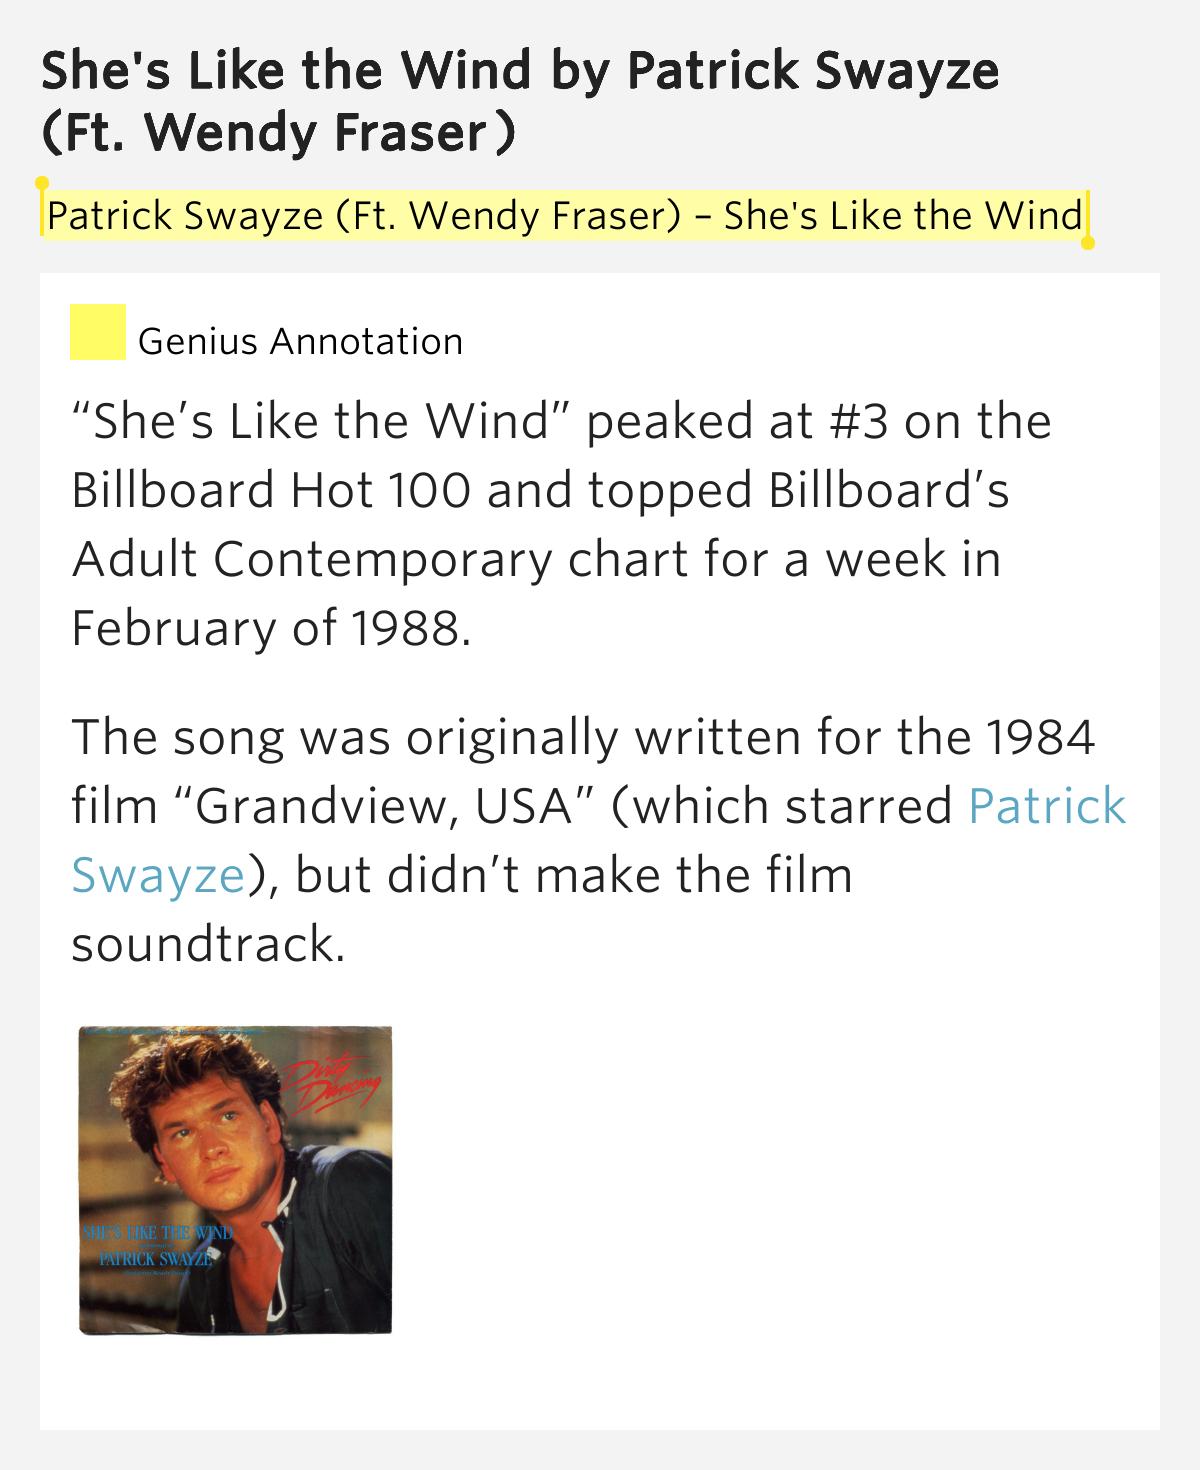 She's Like the Wind – She's Like the Wind by Patrick Swayze